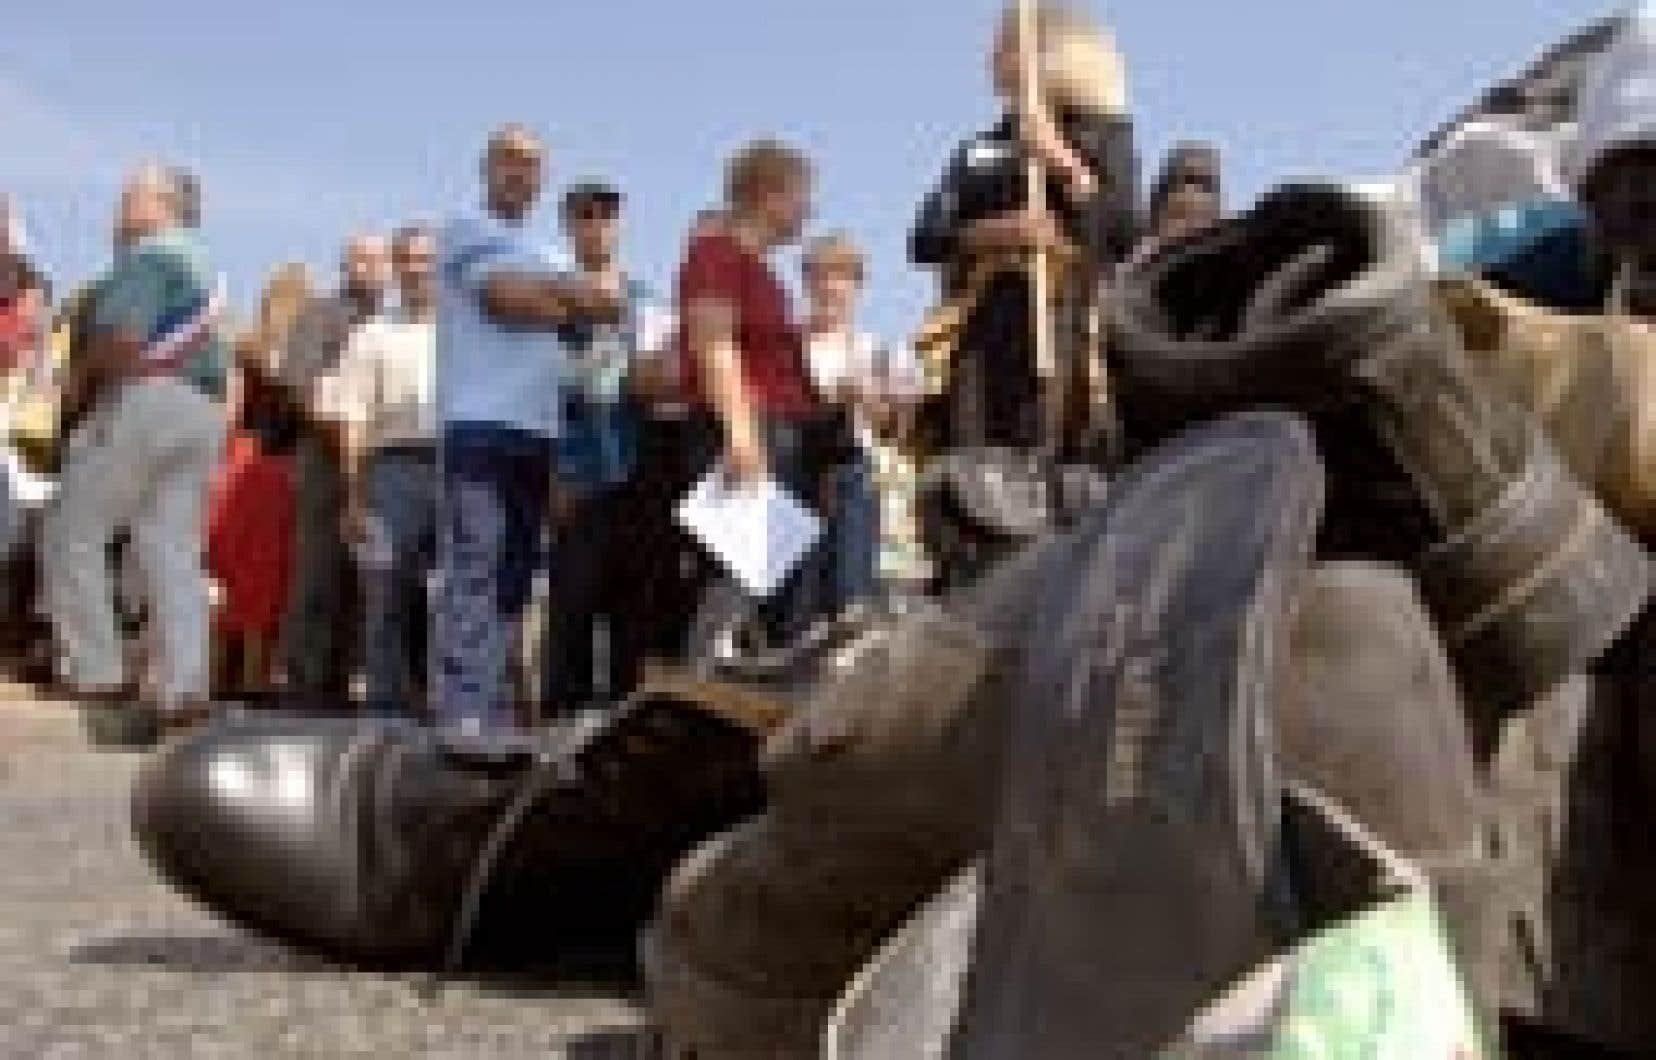 Inquiets quant au maintien de leurs emplois, des salariés du fabricant de chaussures français Stéphane Kélian-Charles Jourdan ont manifesté récemment près des installations du groupe à Romans-sur-Isère.